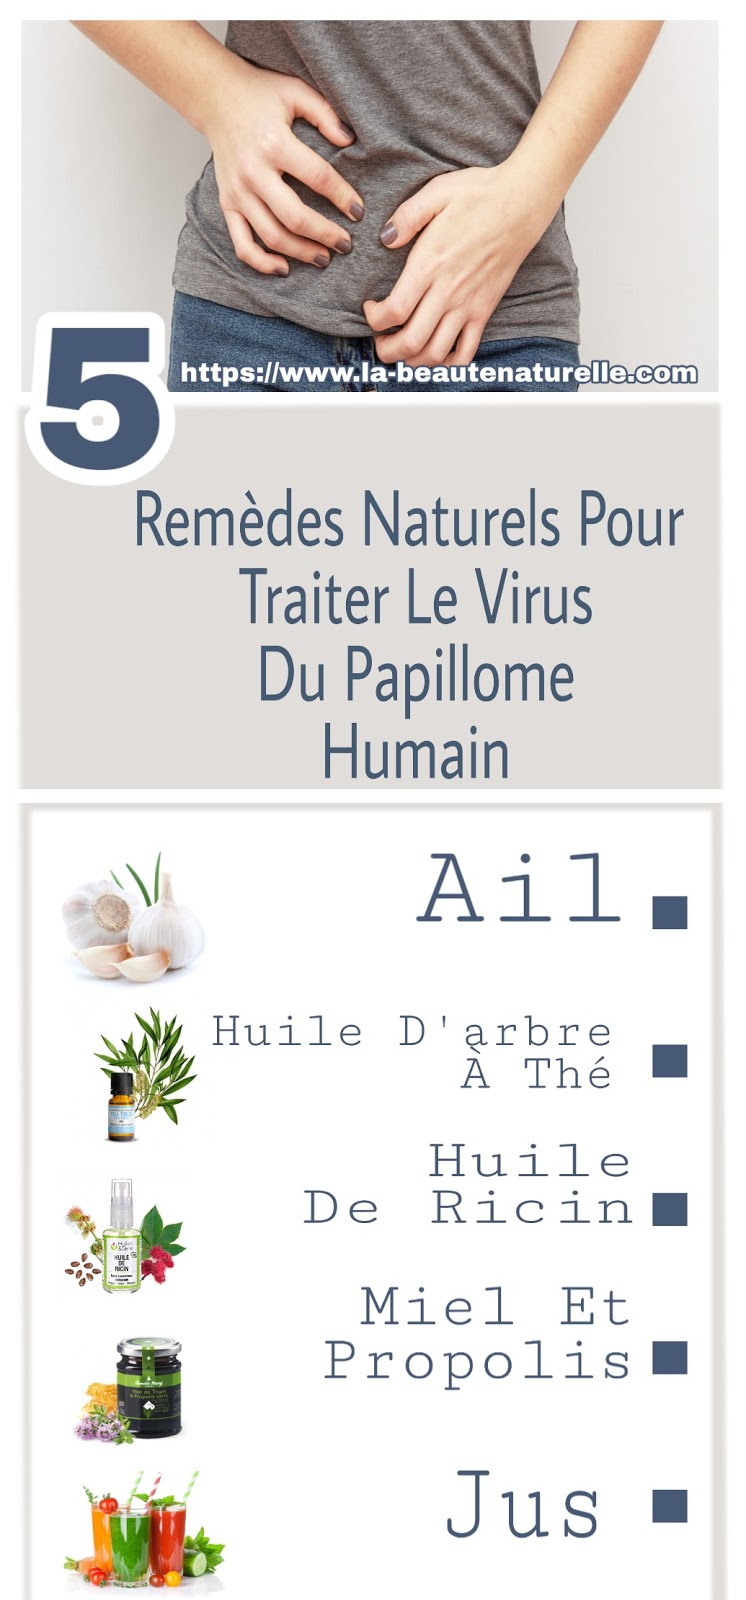 5 Remèdes Naturels Pour Traiter Le Virus Du Papillome Humain